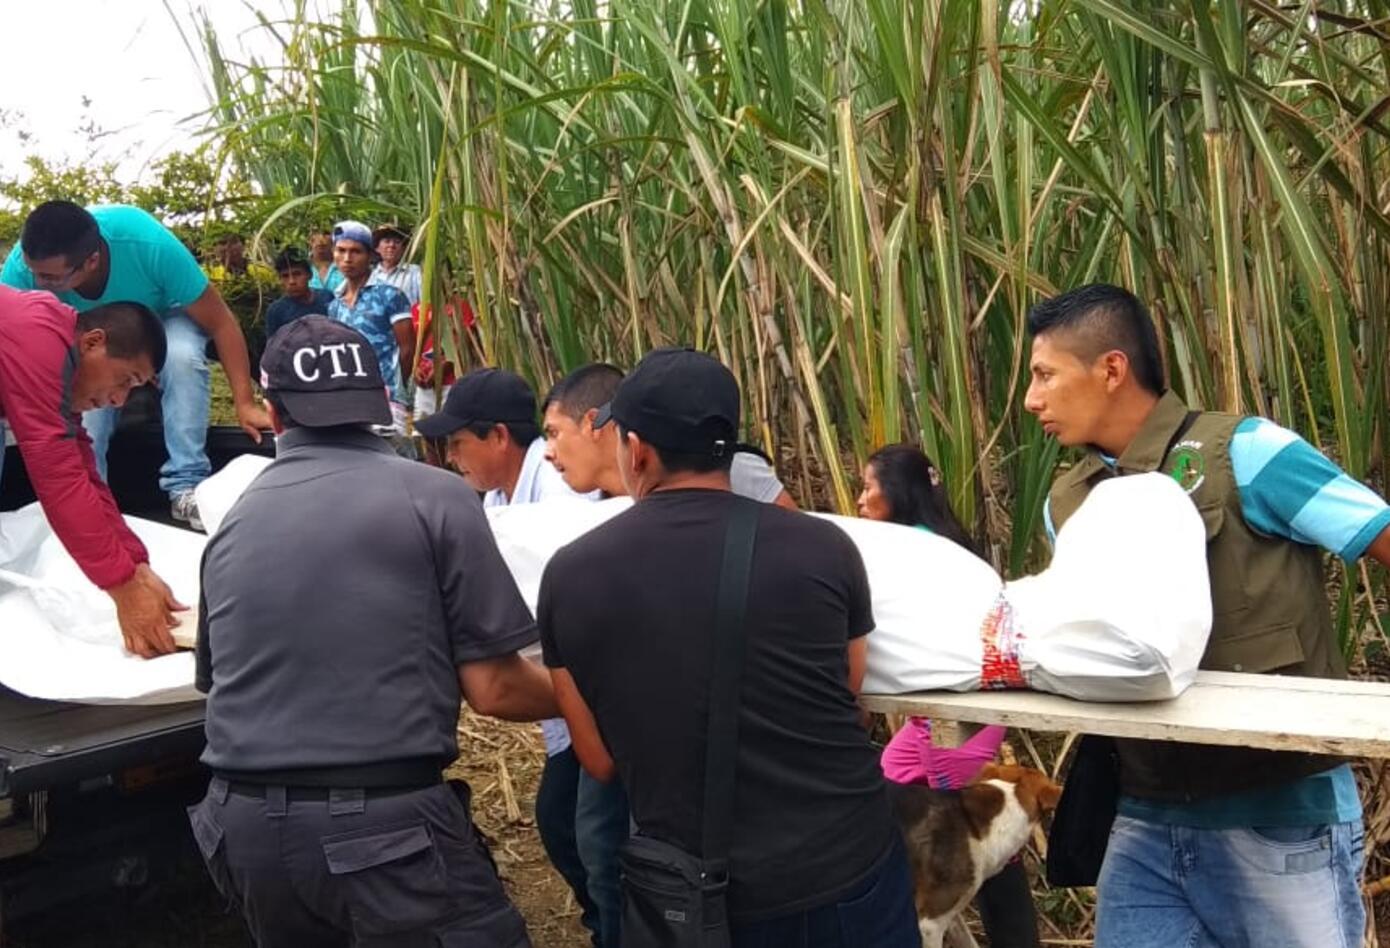 Los cuerpos de los Indígenas asesinados fueron llevados en un vehículo con ayuda de la comunidad.